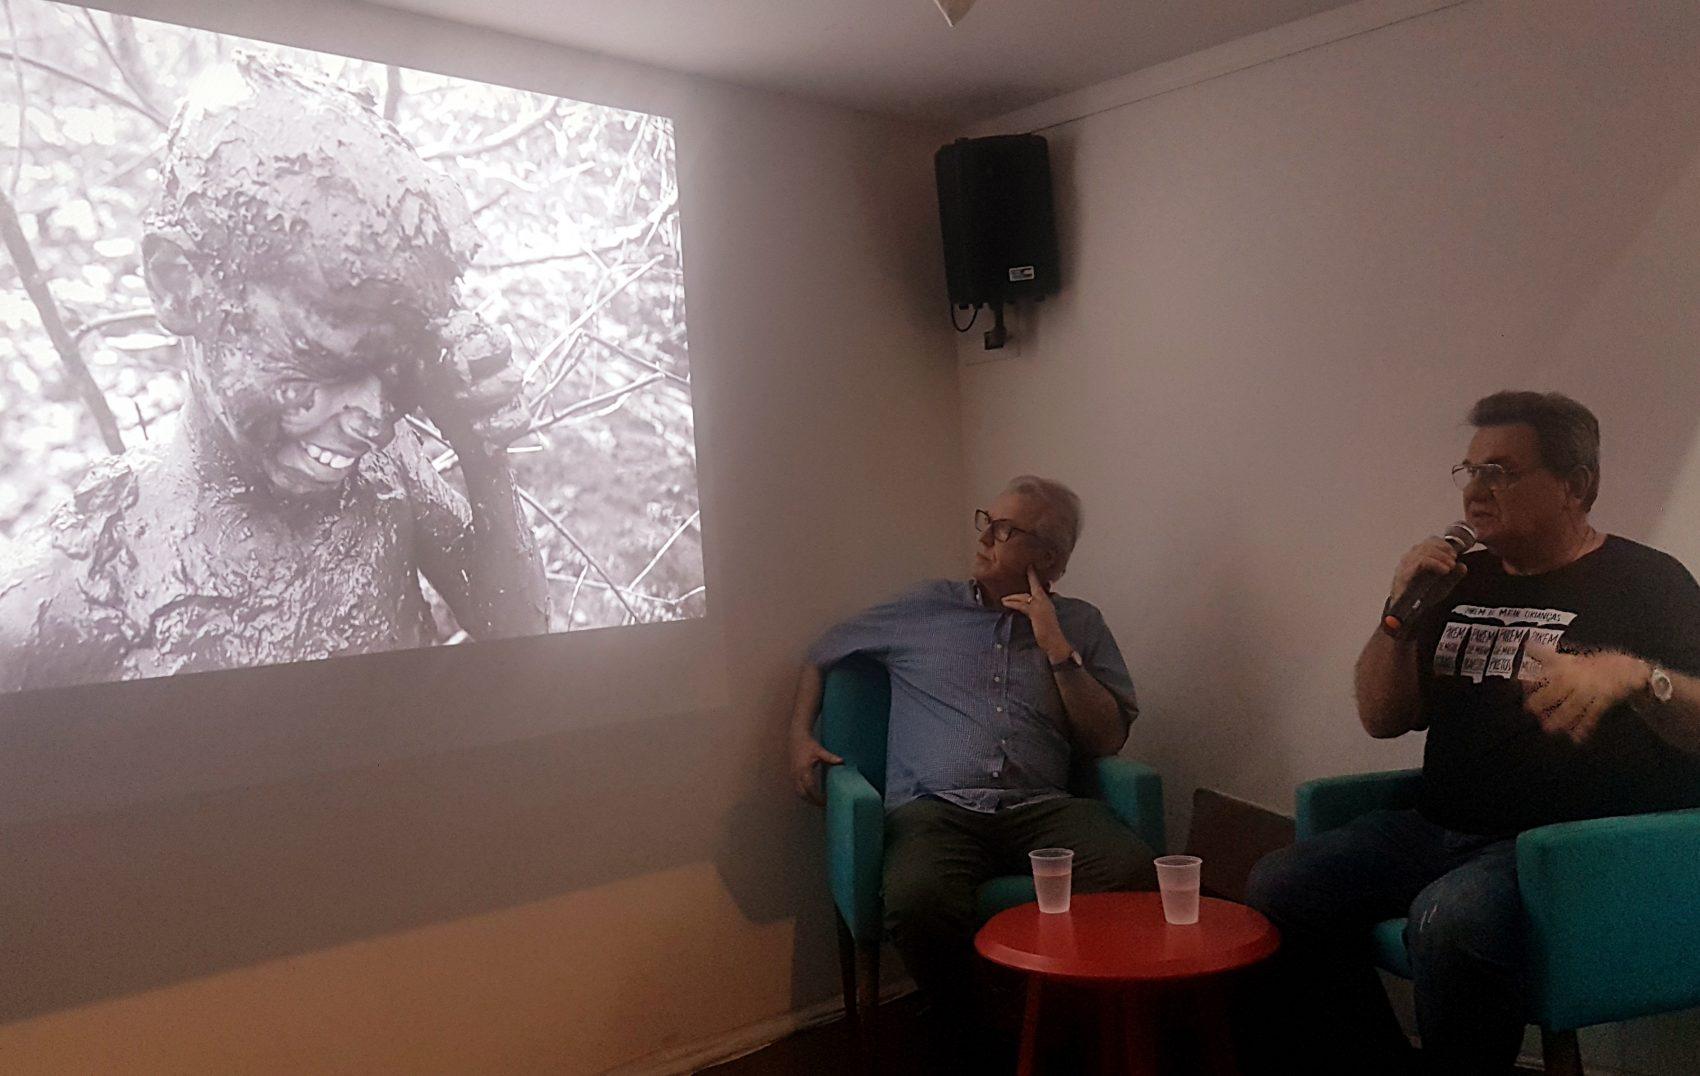 Ricardo Rezende, entre João Roberto Ripper e um dos flagrantes de trabalho escravo feitos pelo fotógrafo exibidos na Casa Pública, preocupação com aumento no número de trabalhadores escravizados com precarização do emprego (Foto: Oscar Valporto)